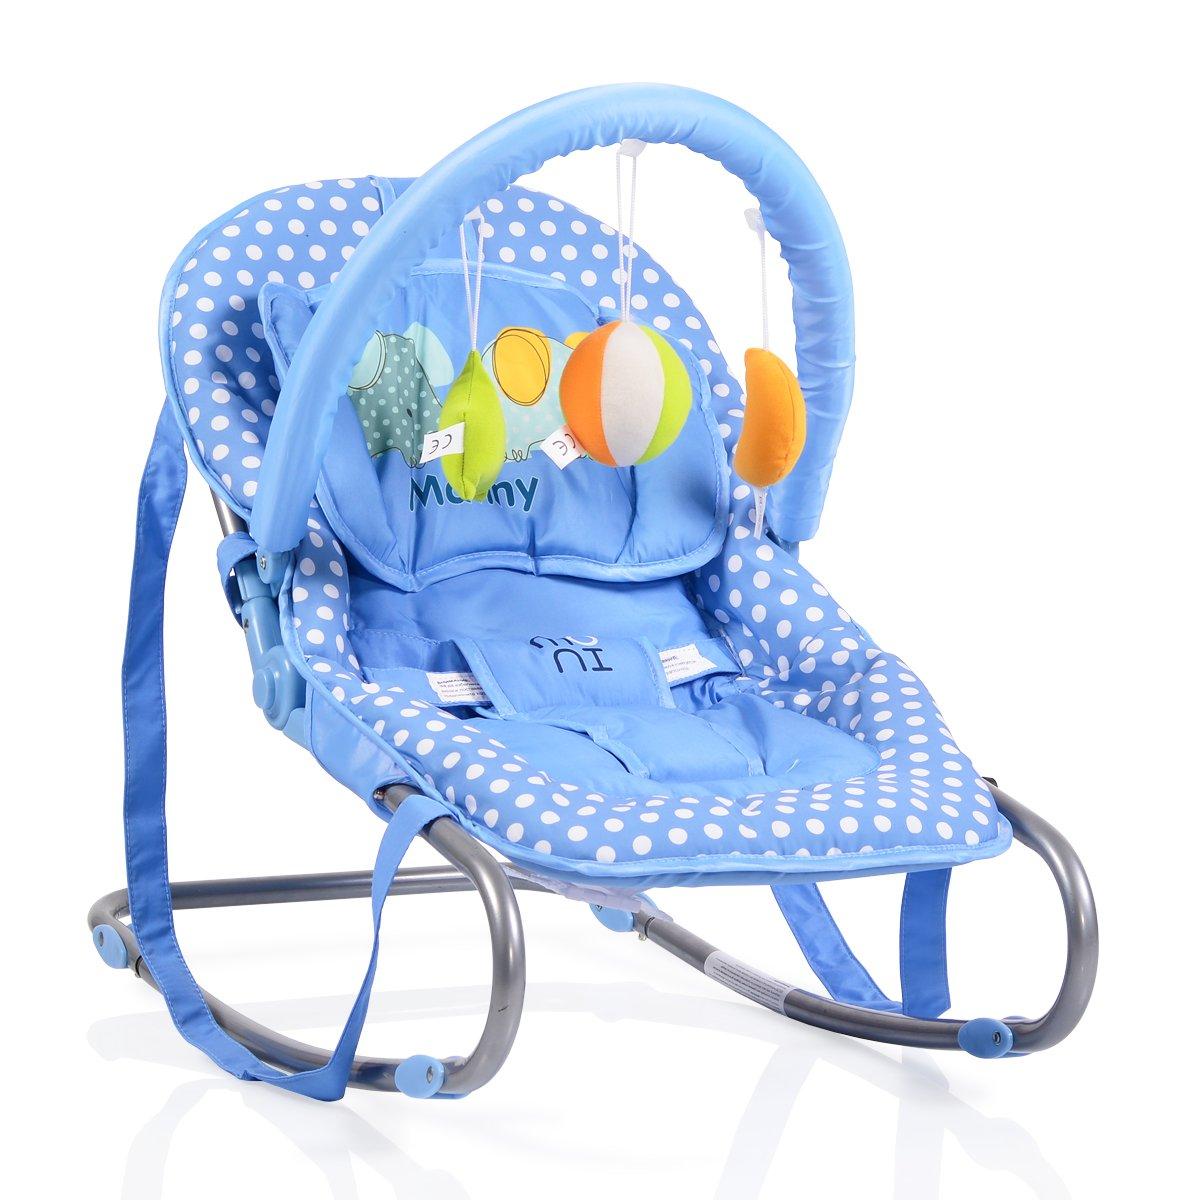 Spielbogen Babywippe Manny verstellbar Blau 3-Punkt-Sicherheitsgurt Tragehenkel